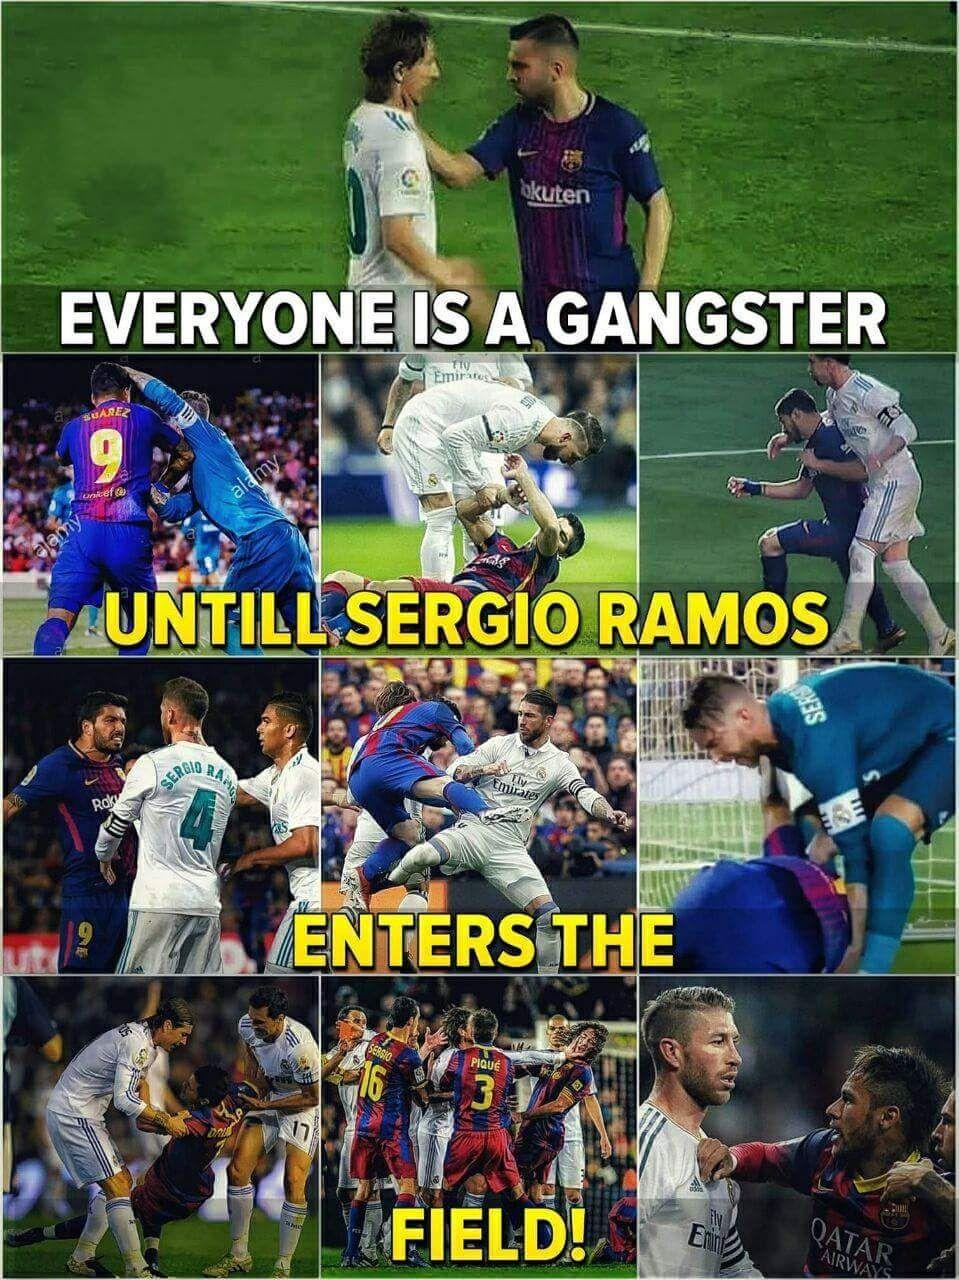 Our Captain Soccer jokes, Football jokes, Funny soccer memes